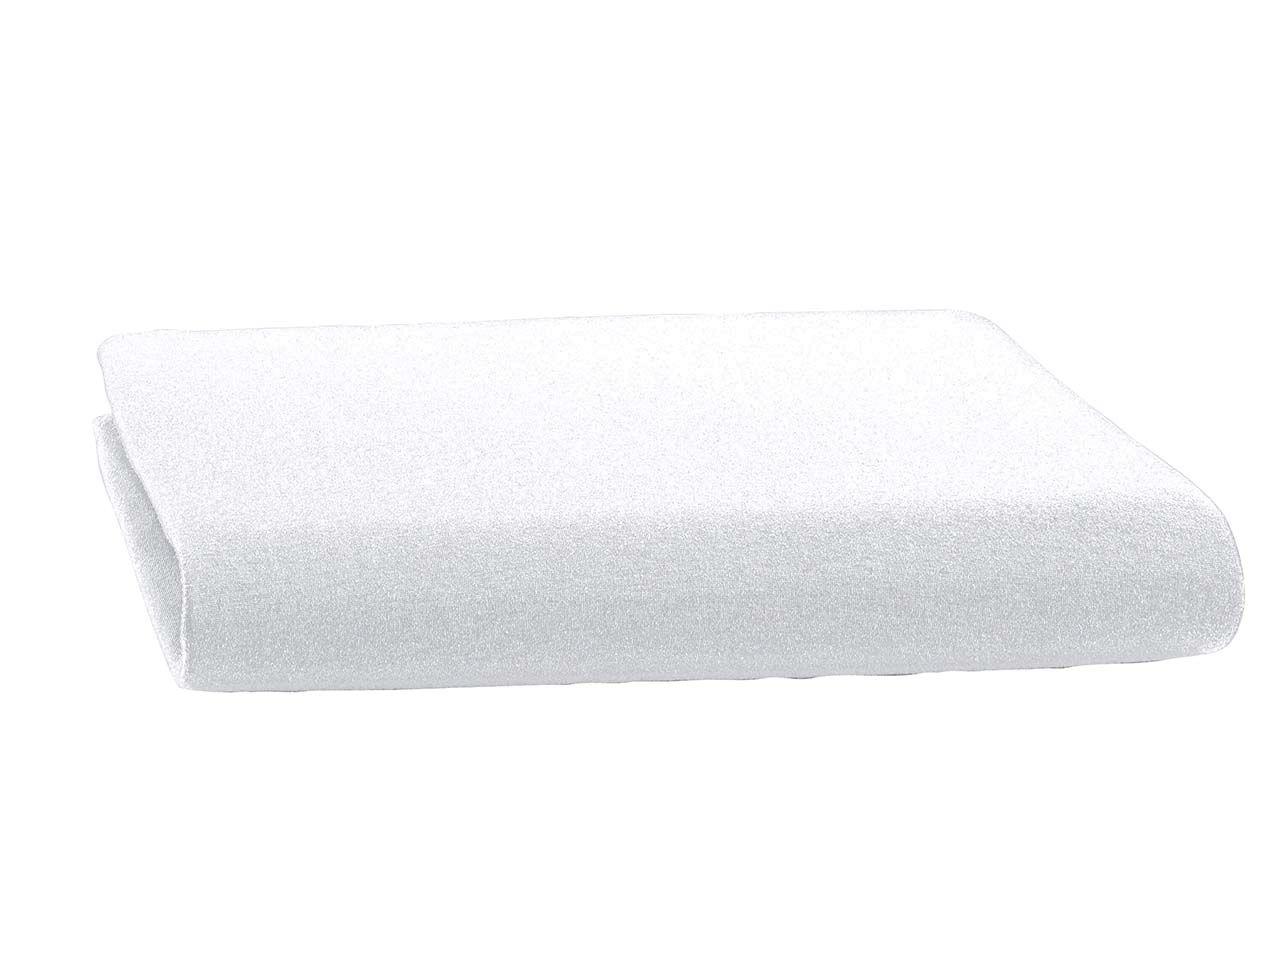 Bettlaken für Wasserbetten aus Bio Baumwolle 200x220 cm, weiß bLJE550/3000